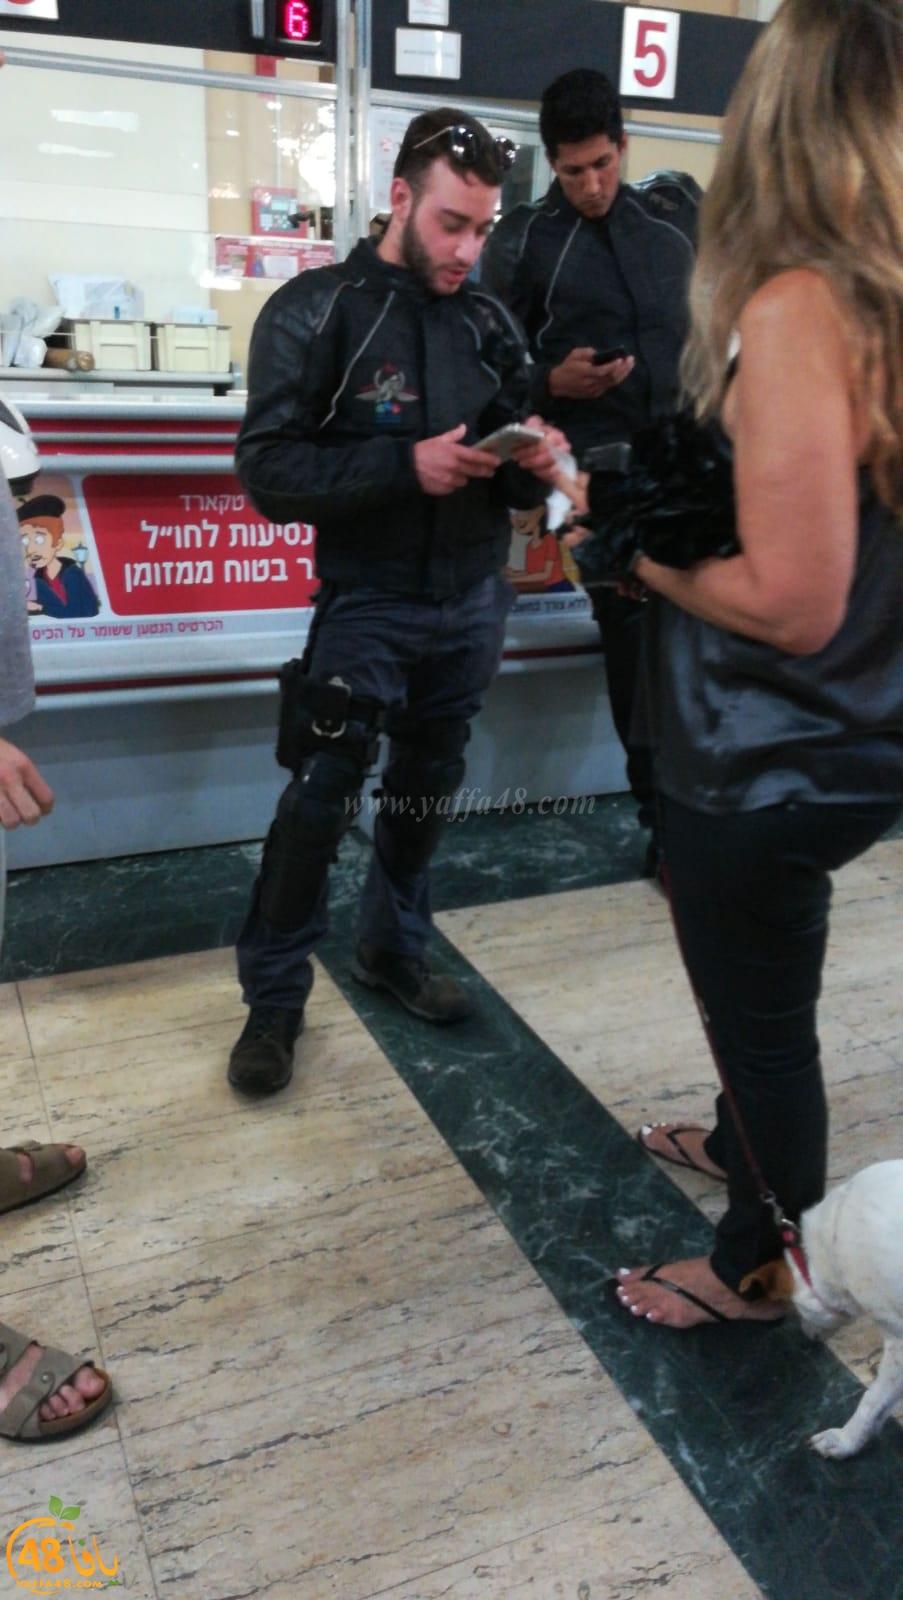 يافا: شخص يعتدي على الموظفين في فرع البريد